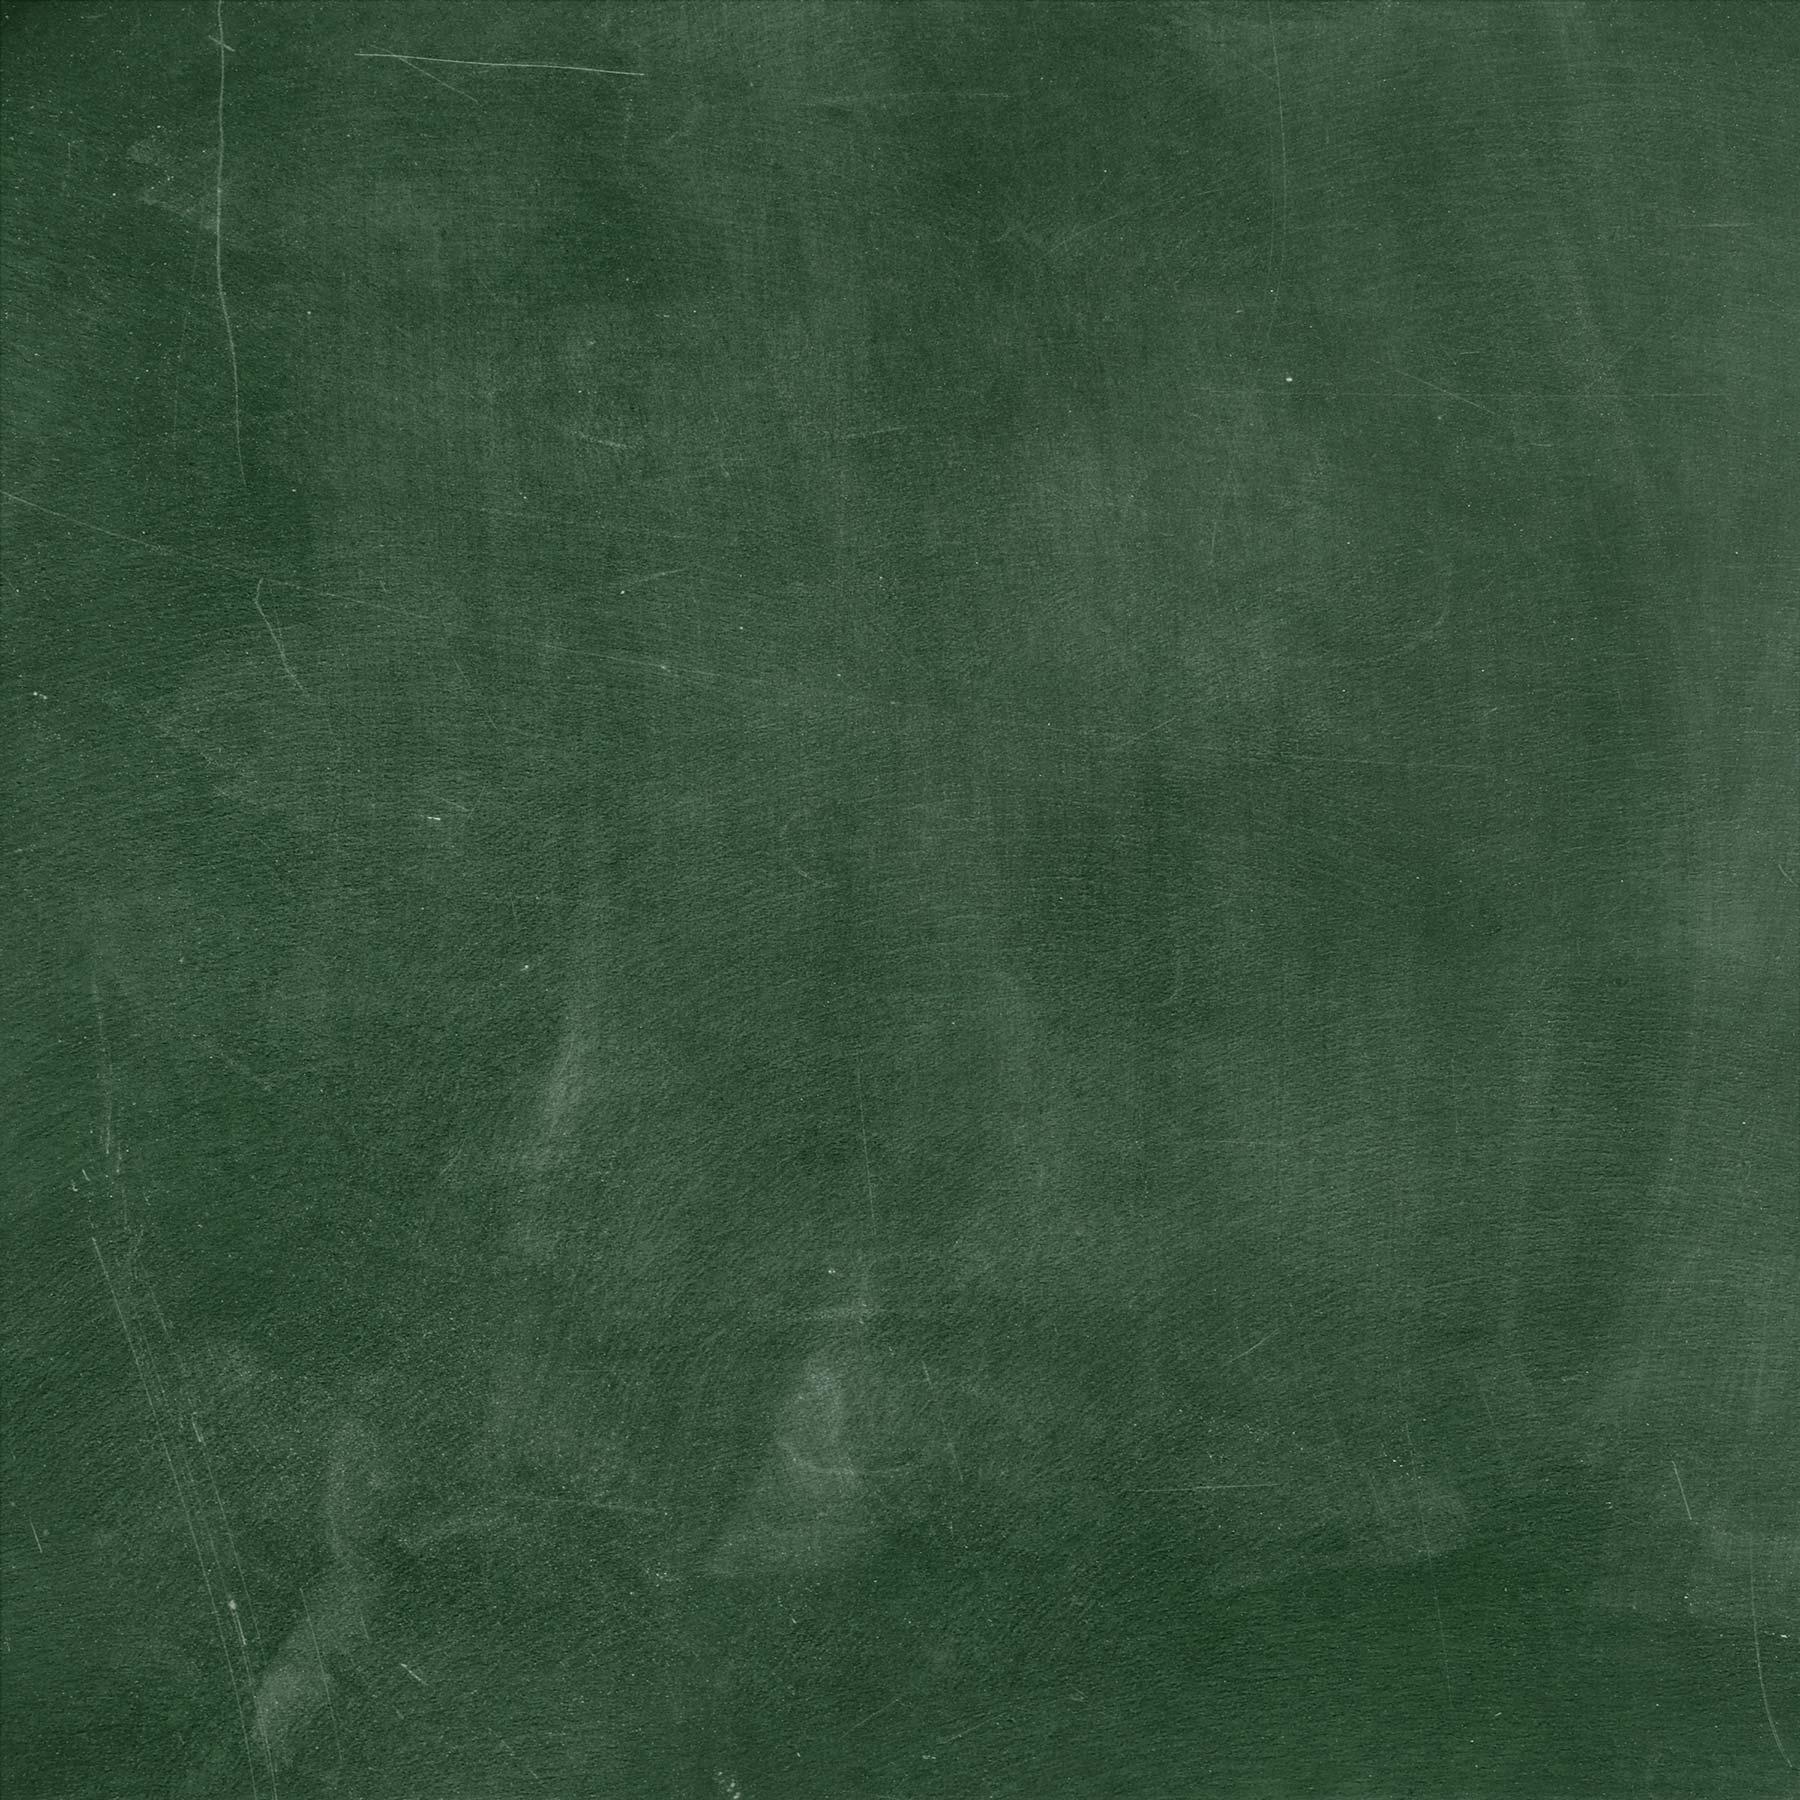 30 blackboard and chalkboard textures textures design